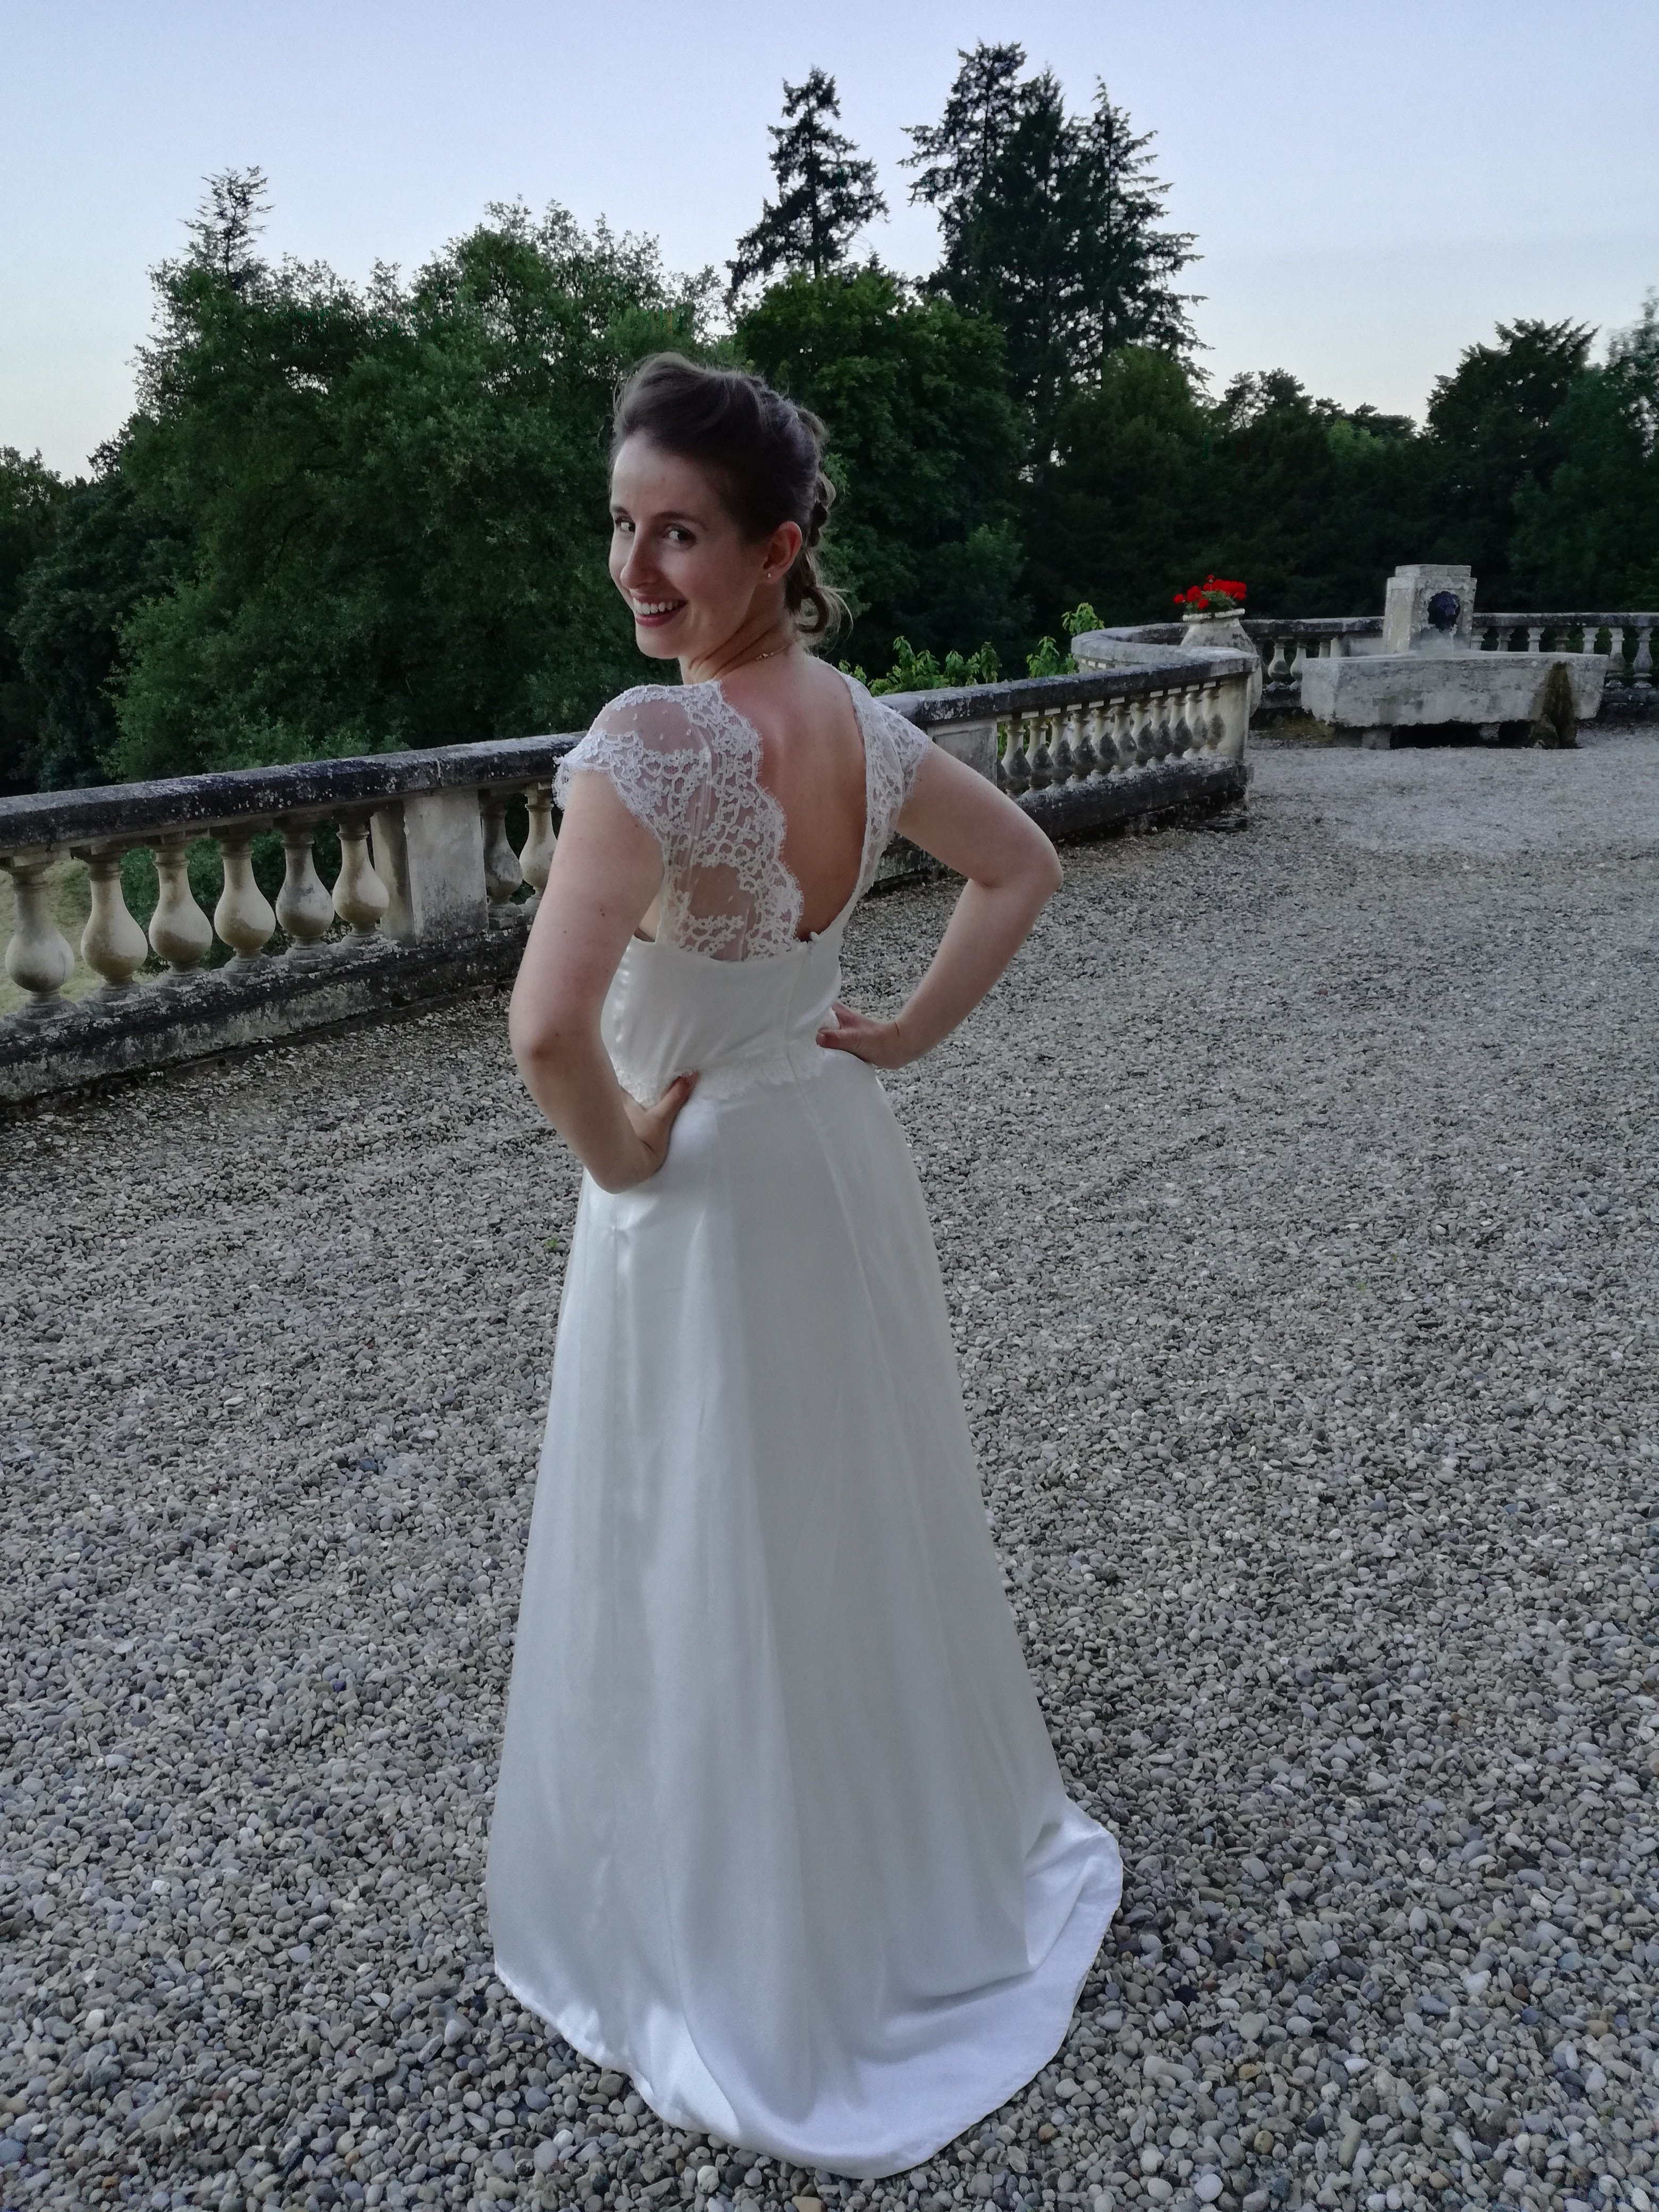 Faire sa robe de mariée en 10 étapes | Oui